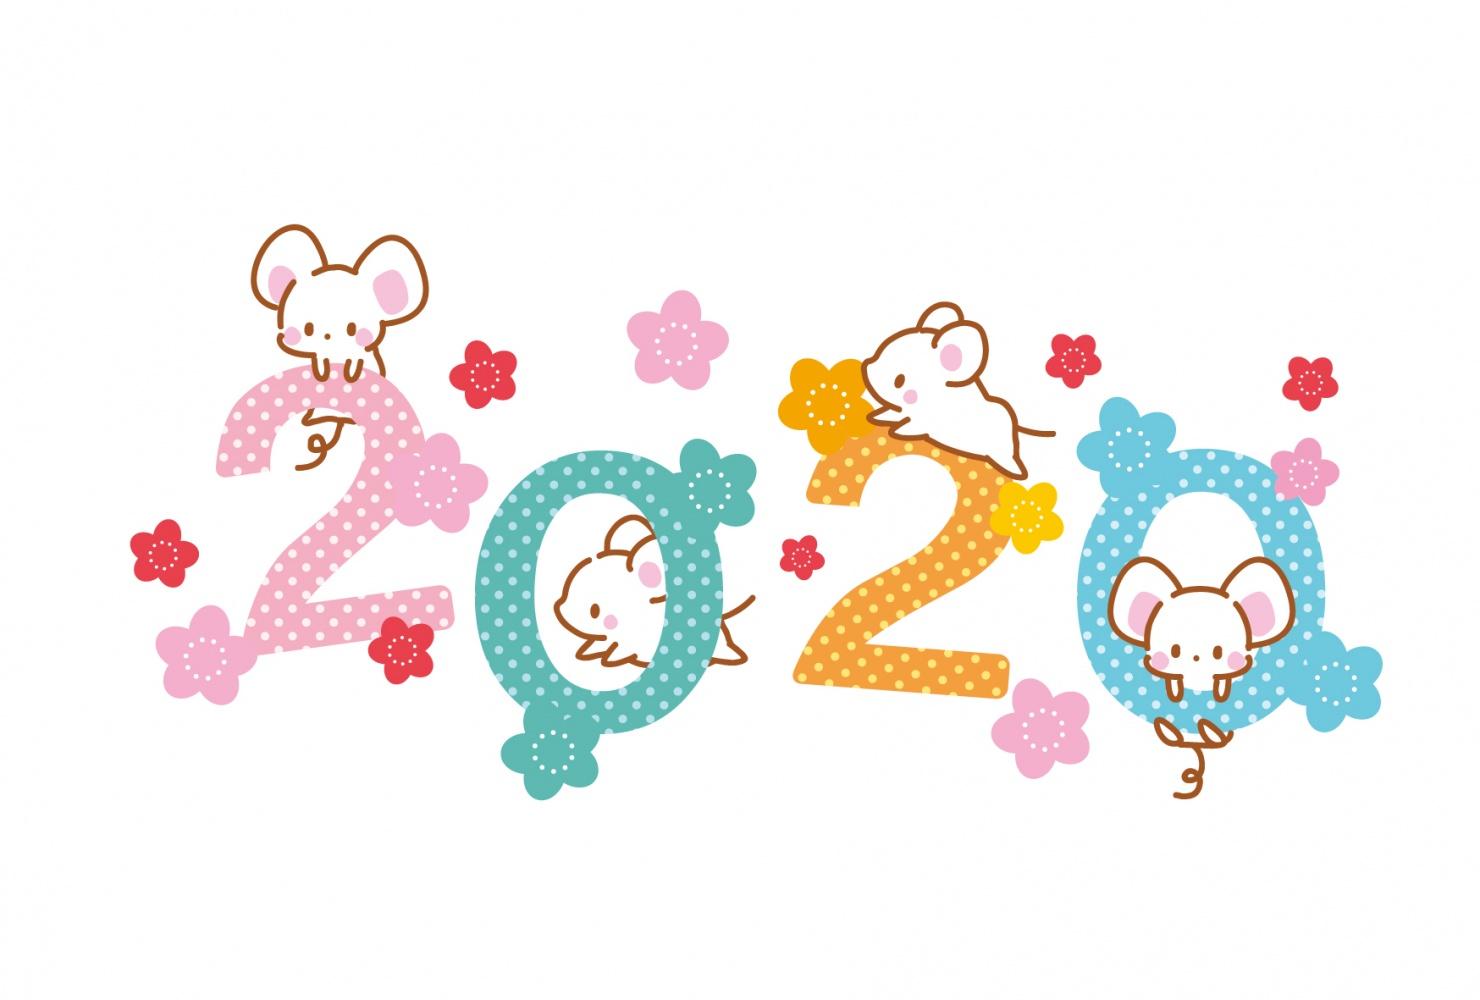 2020年子年・2020の文字とネズミの年賀状素材